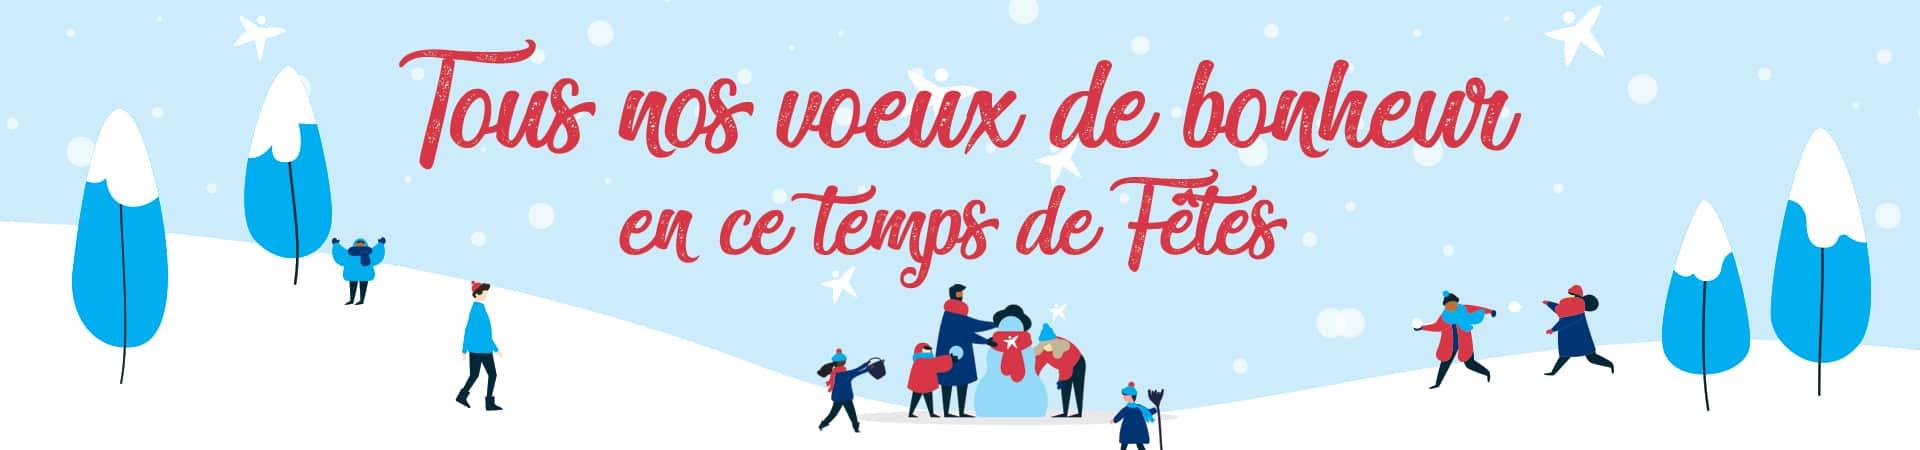 Visuel du temps des fêtes avec de la neige et un message du CEPEO qui vous souhaite un joyeux temps des fêtes